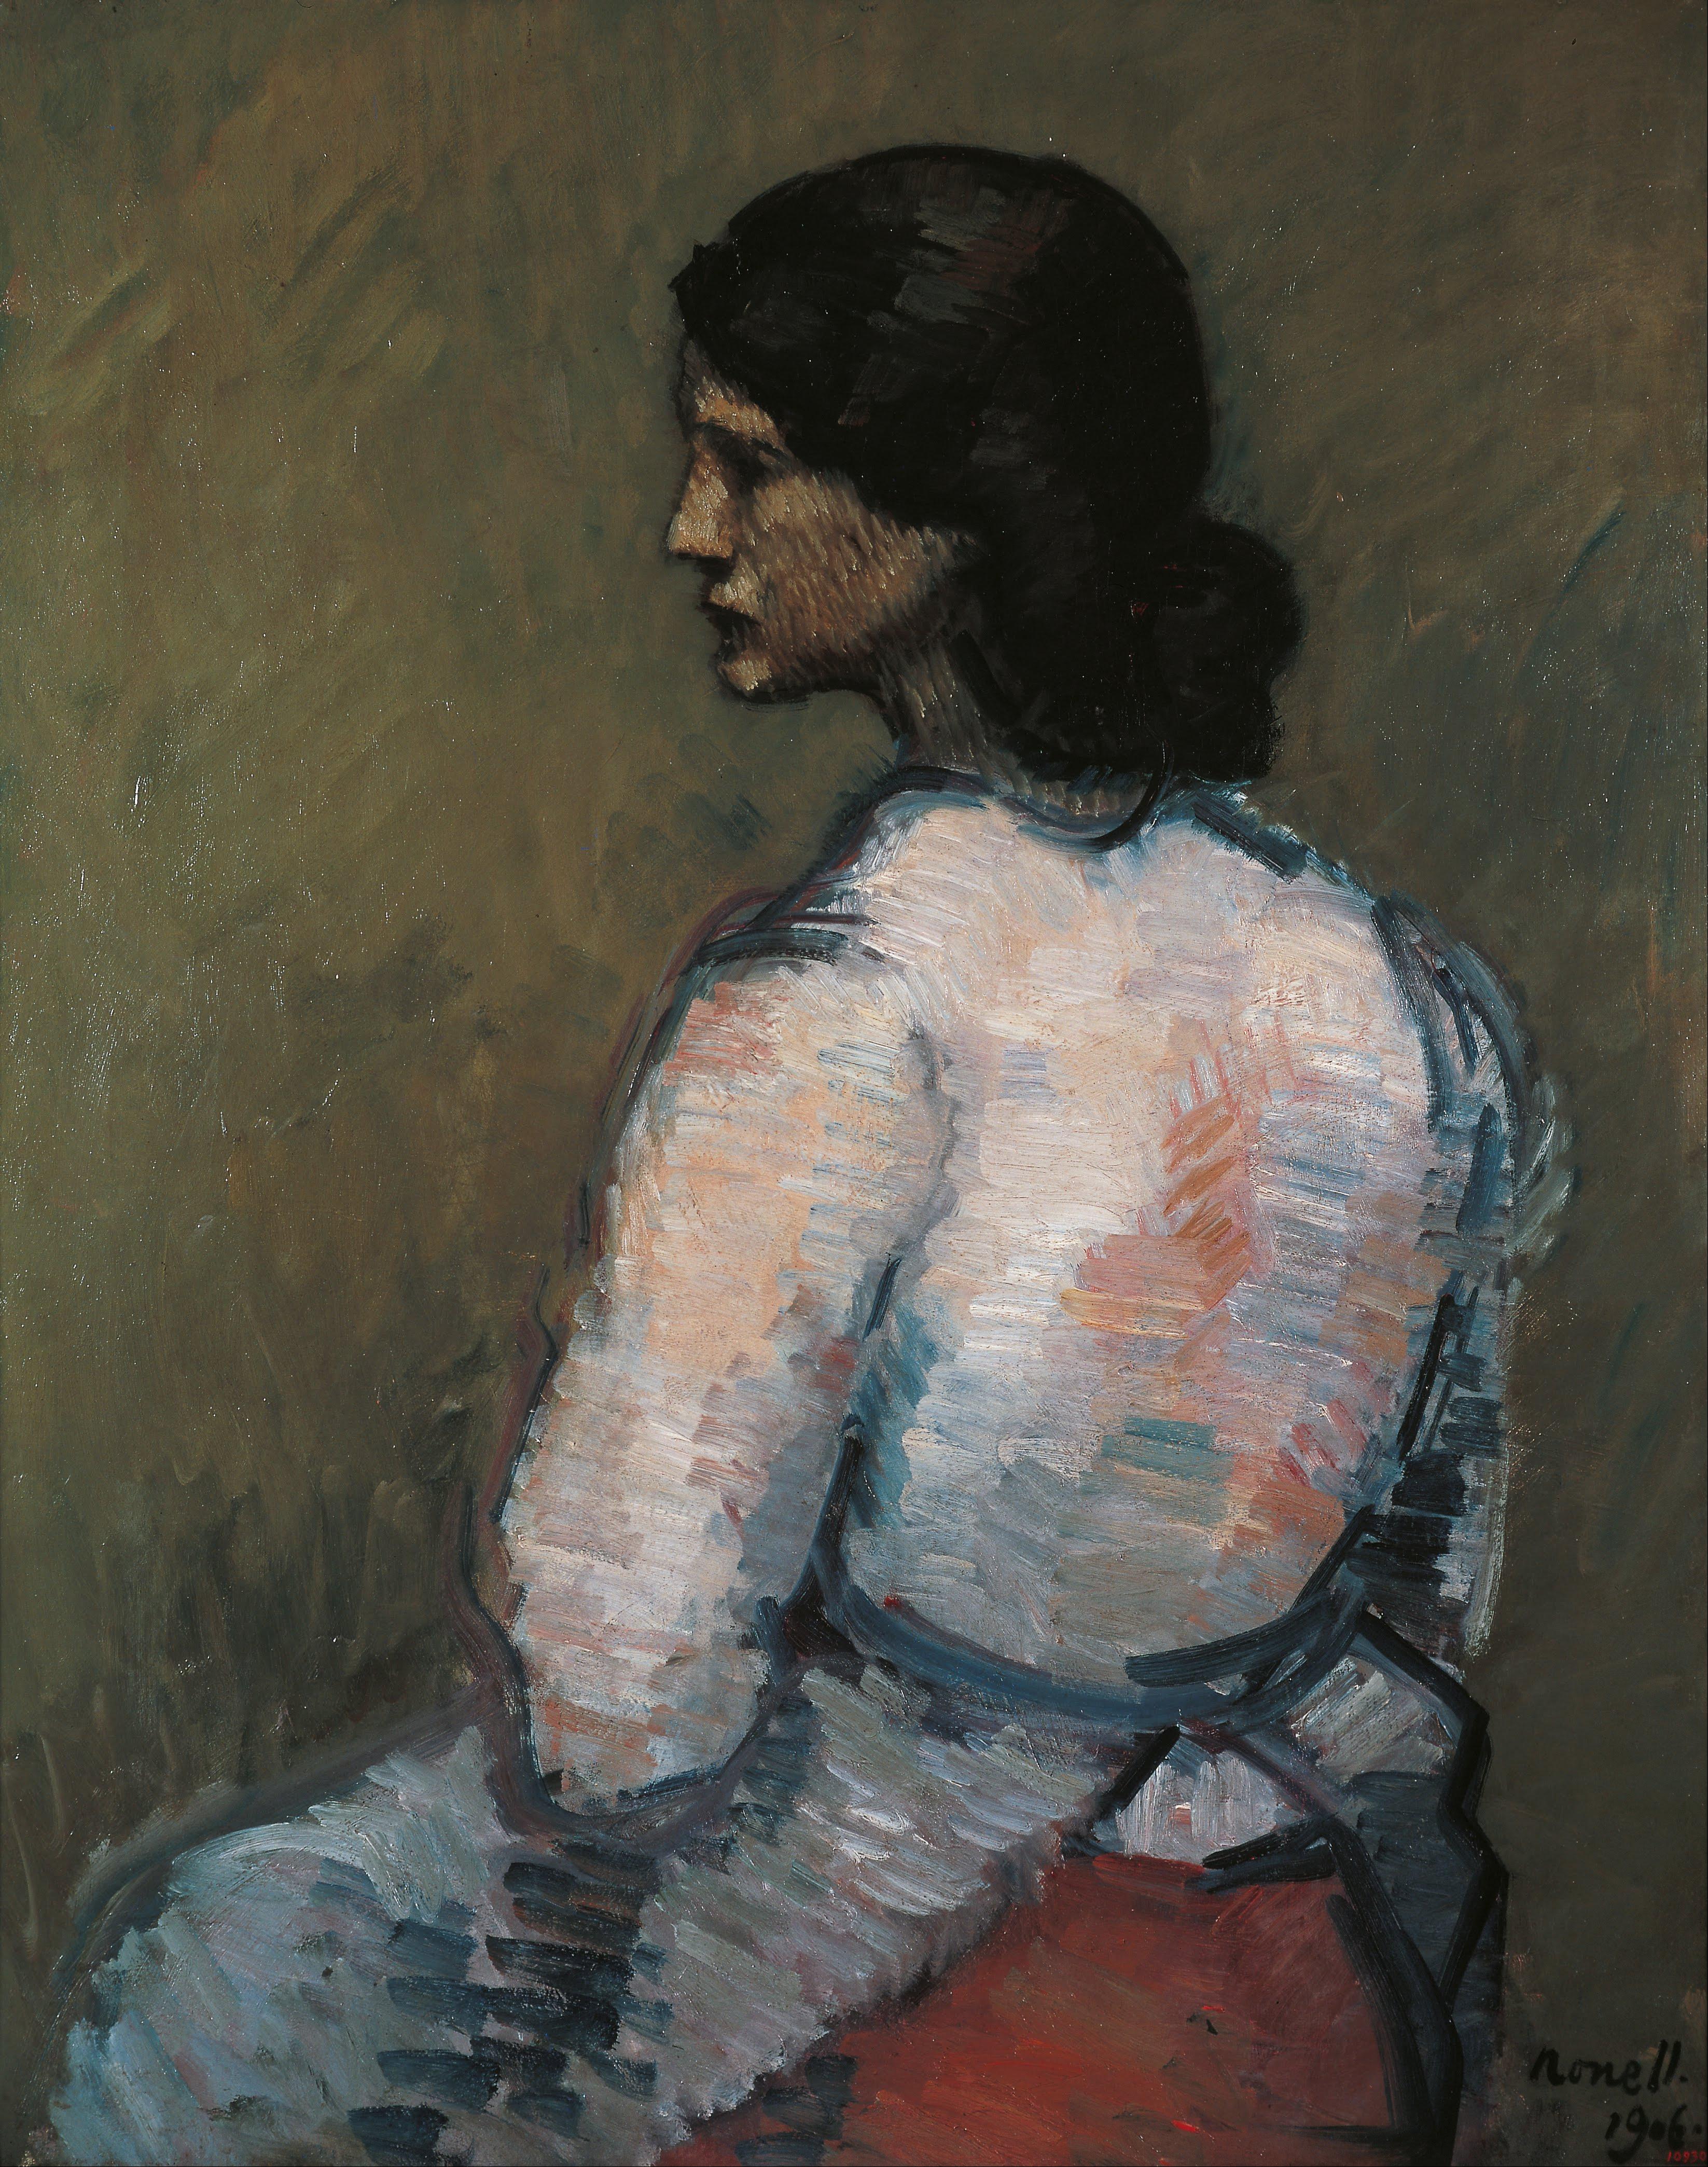 Γκάικο πορτρέτα γκαλερί που χρονολογούνται